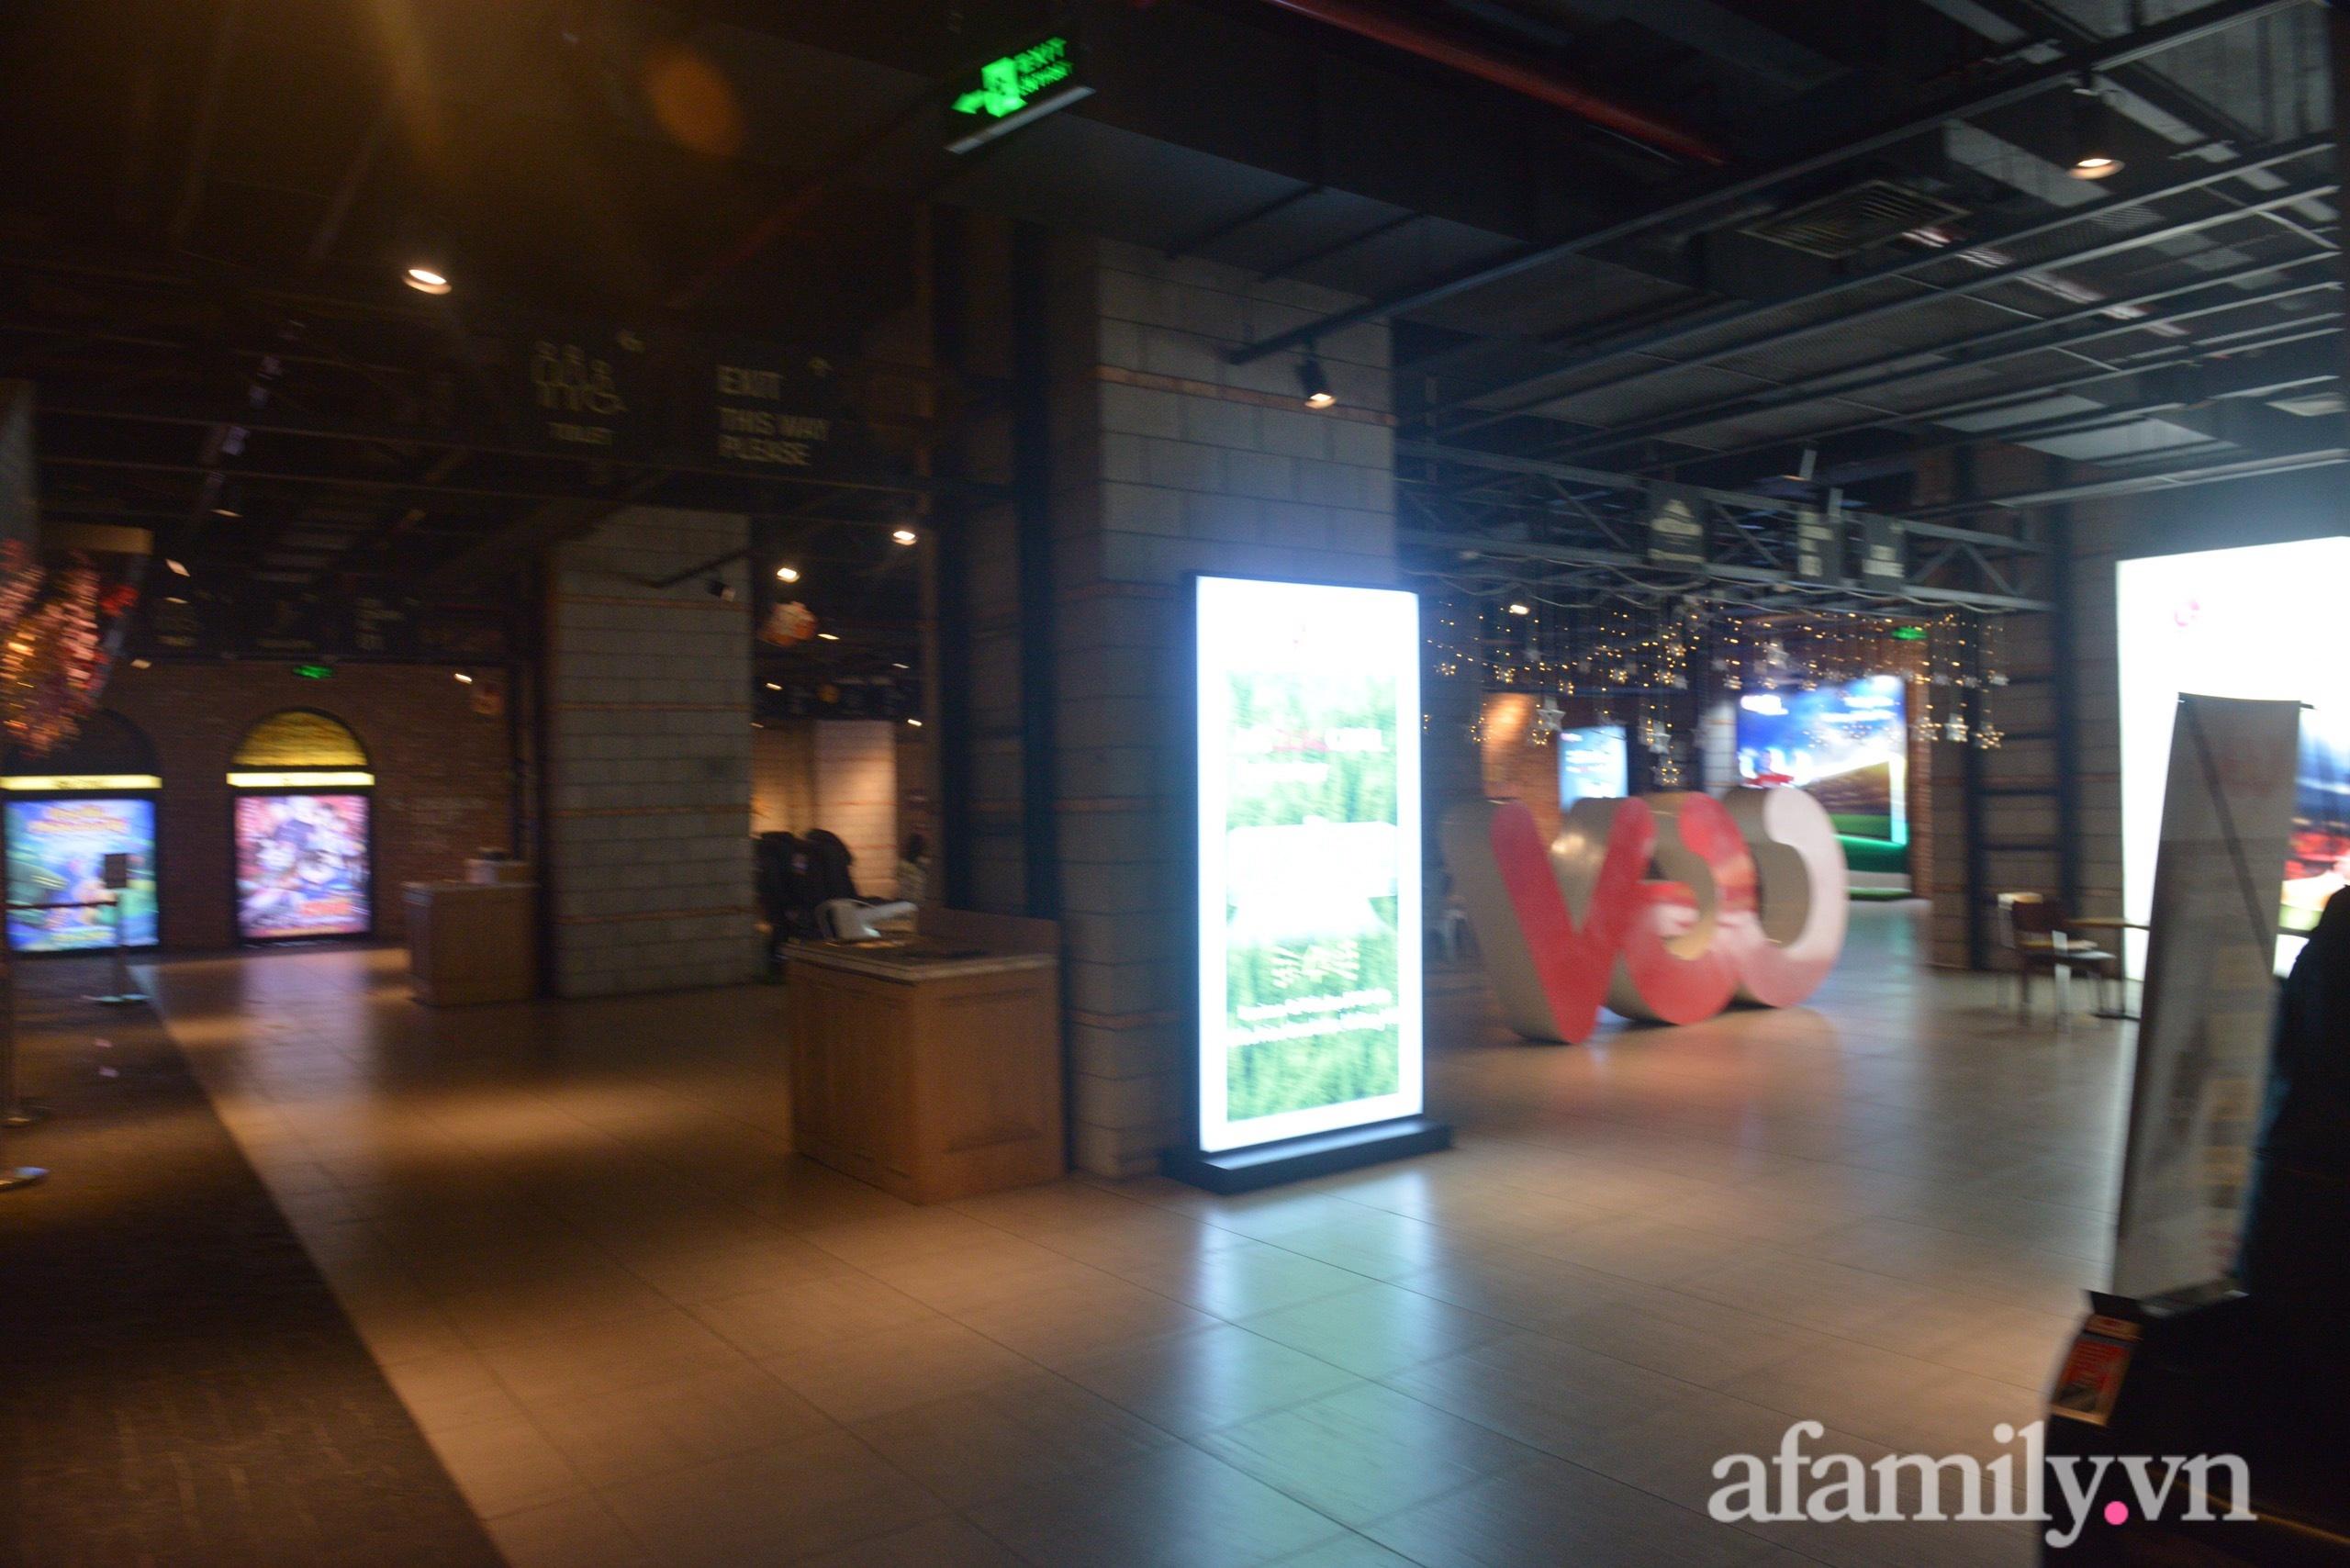 Rạp chiếu phim Hà Nội trước giờ tạm dừng hoạt động vì chống dịch: Vắng vẻ đến bất ngờ - Ảnh 10.